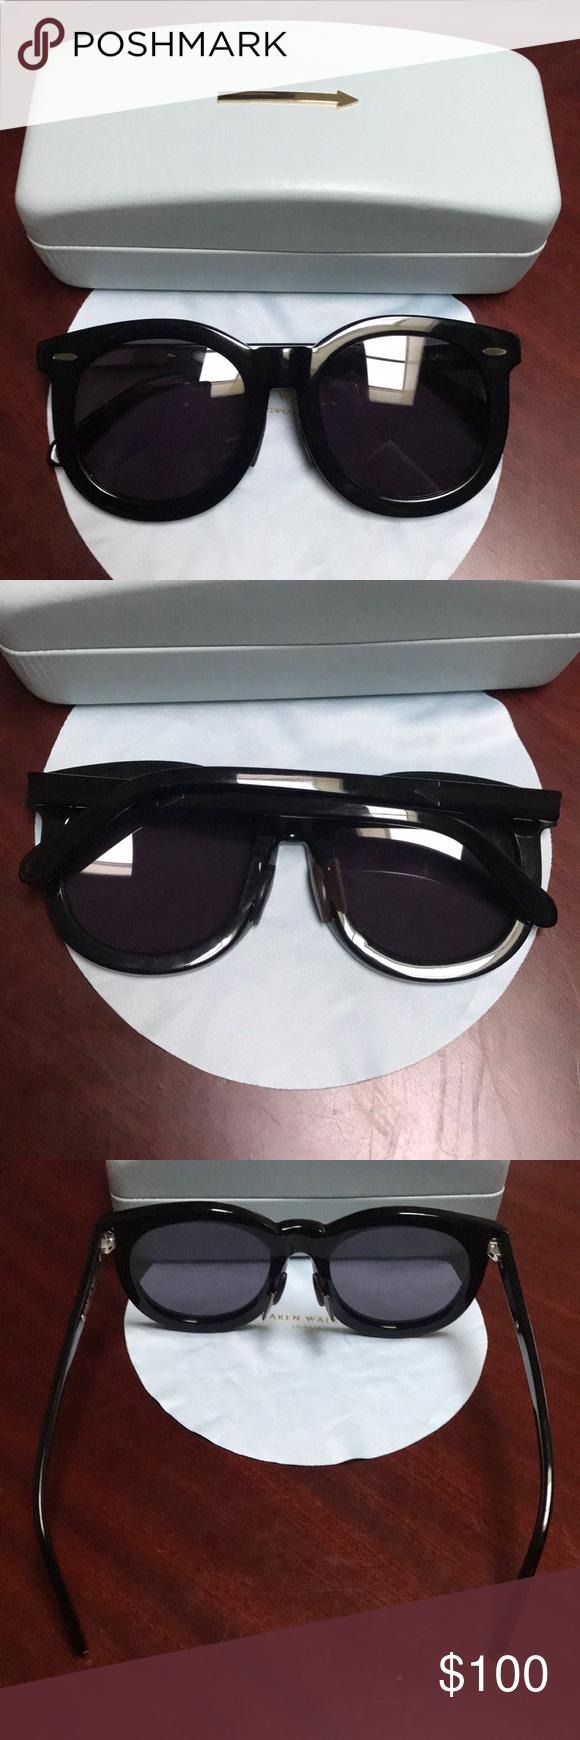 8d654238d99f Karen Walker Super Worship sunglasses Karen Walker Super Worship sunglasses.  One of the nose piece